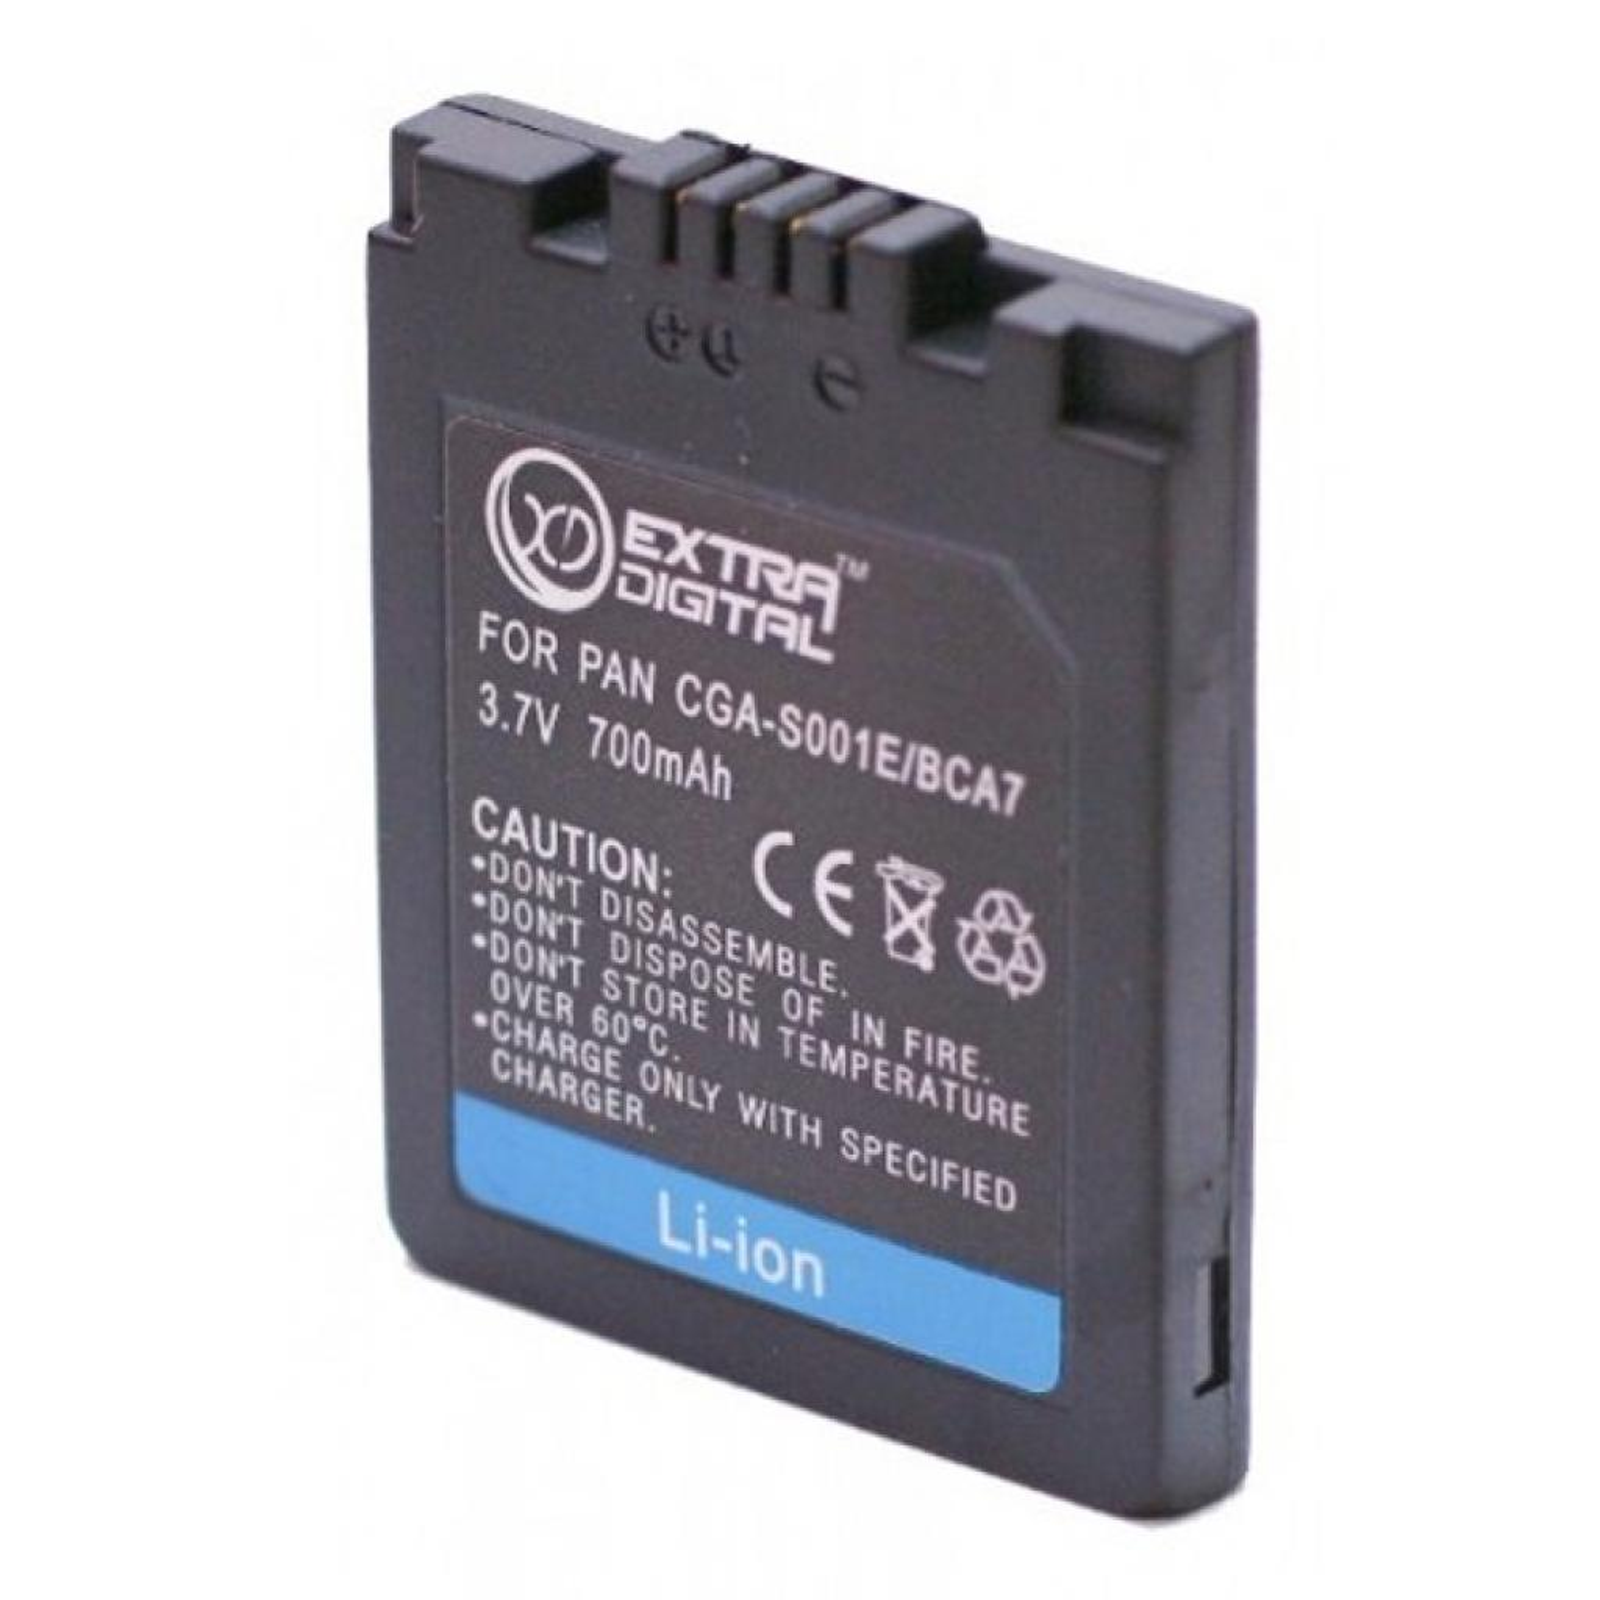 Аккумулятор к фото/видео EXTRADIGITAL Panasonic S001E, DMW-BCA7 (DV00DV1096) изображение 2